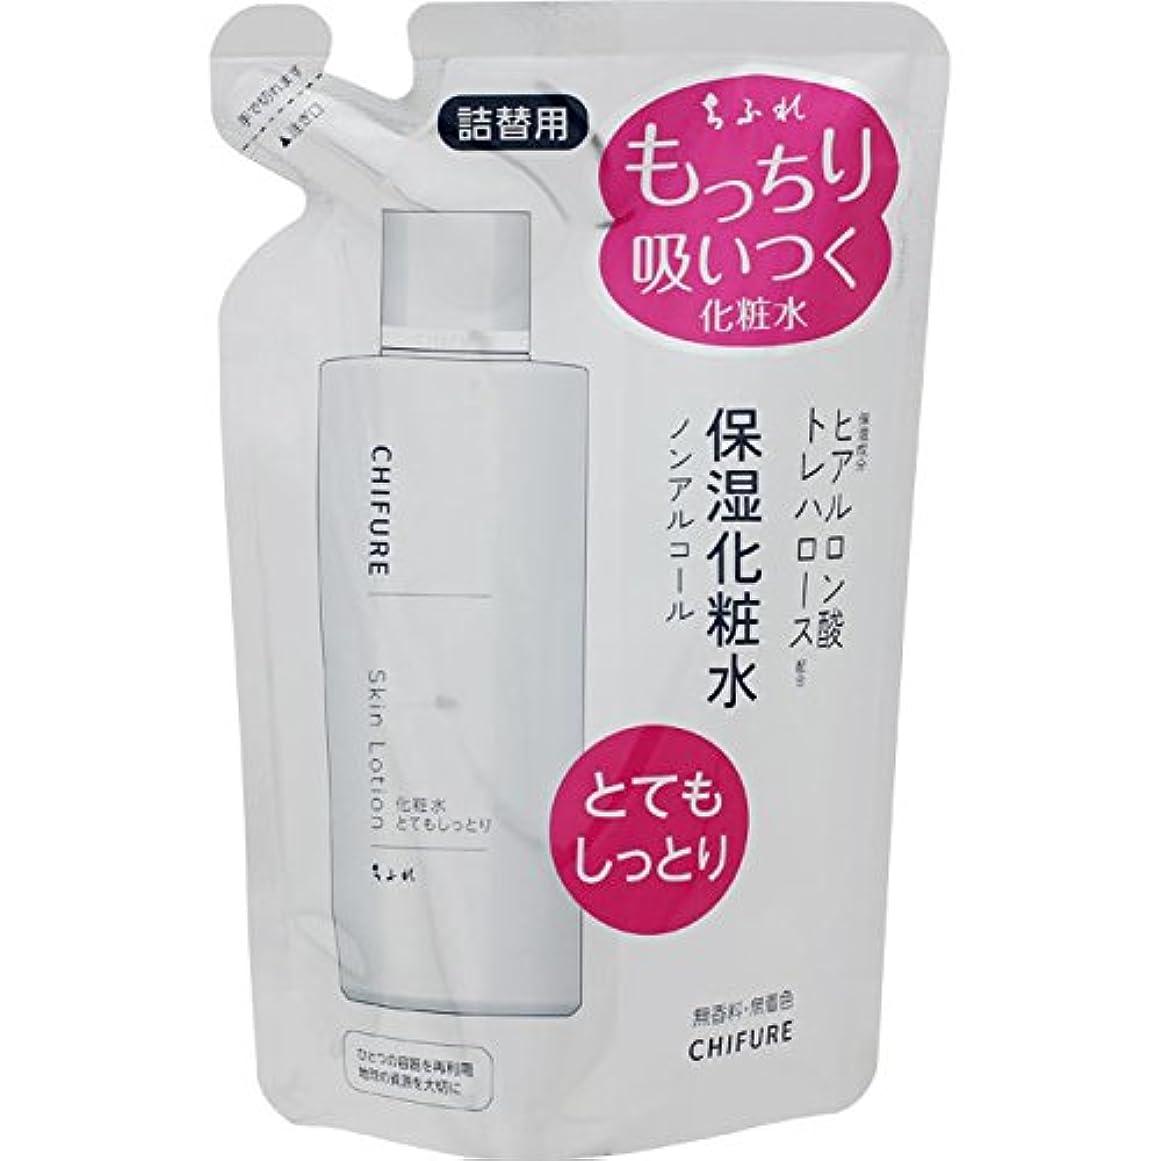 農業数学同行ちふれ化粧品 化粧水 とてもしっとりタイプ 詰替用 150ML